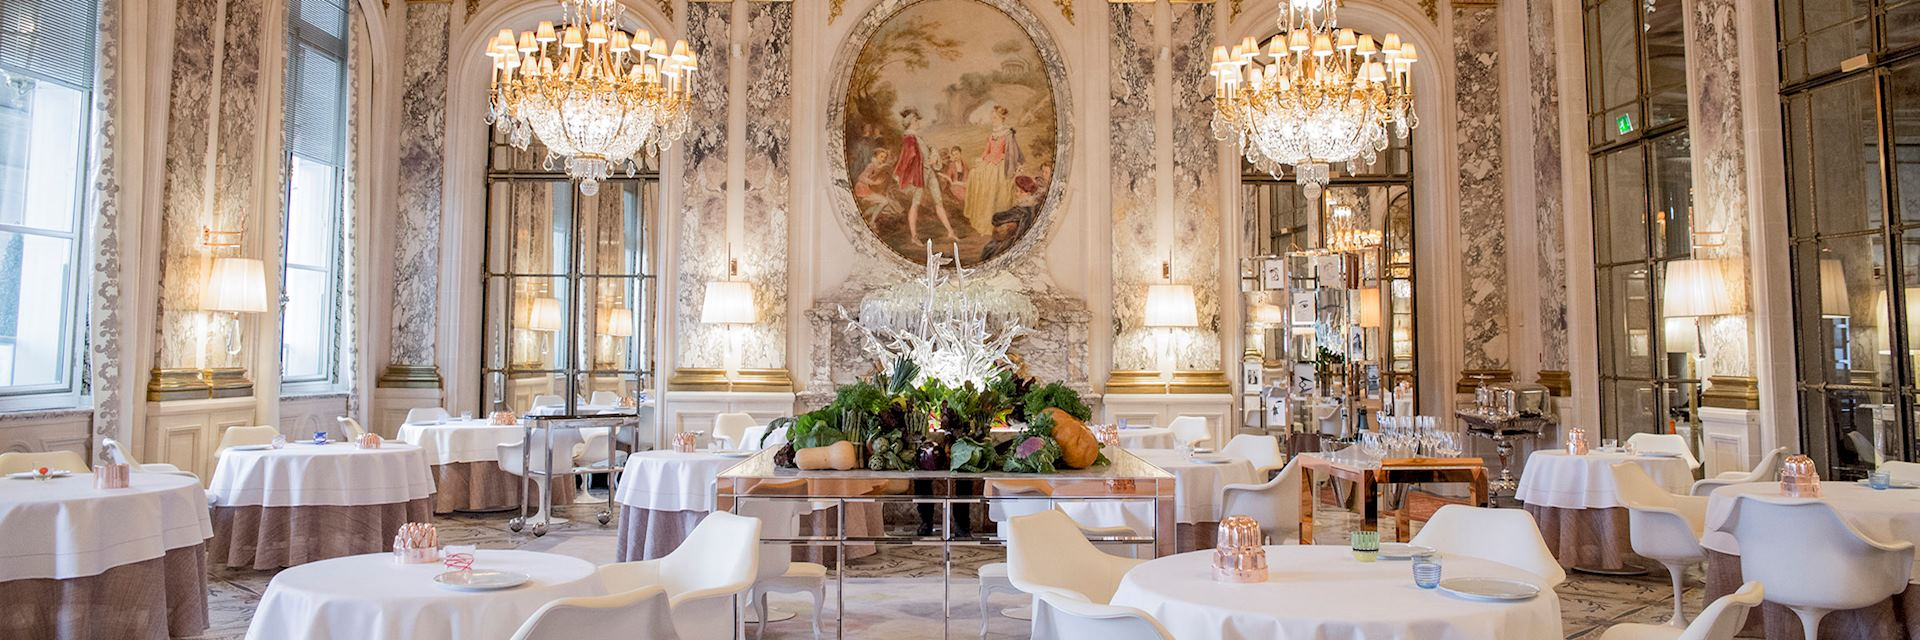 Restaurant le Meurice Alain Ducasse - @pmonetta- Panoramique